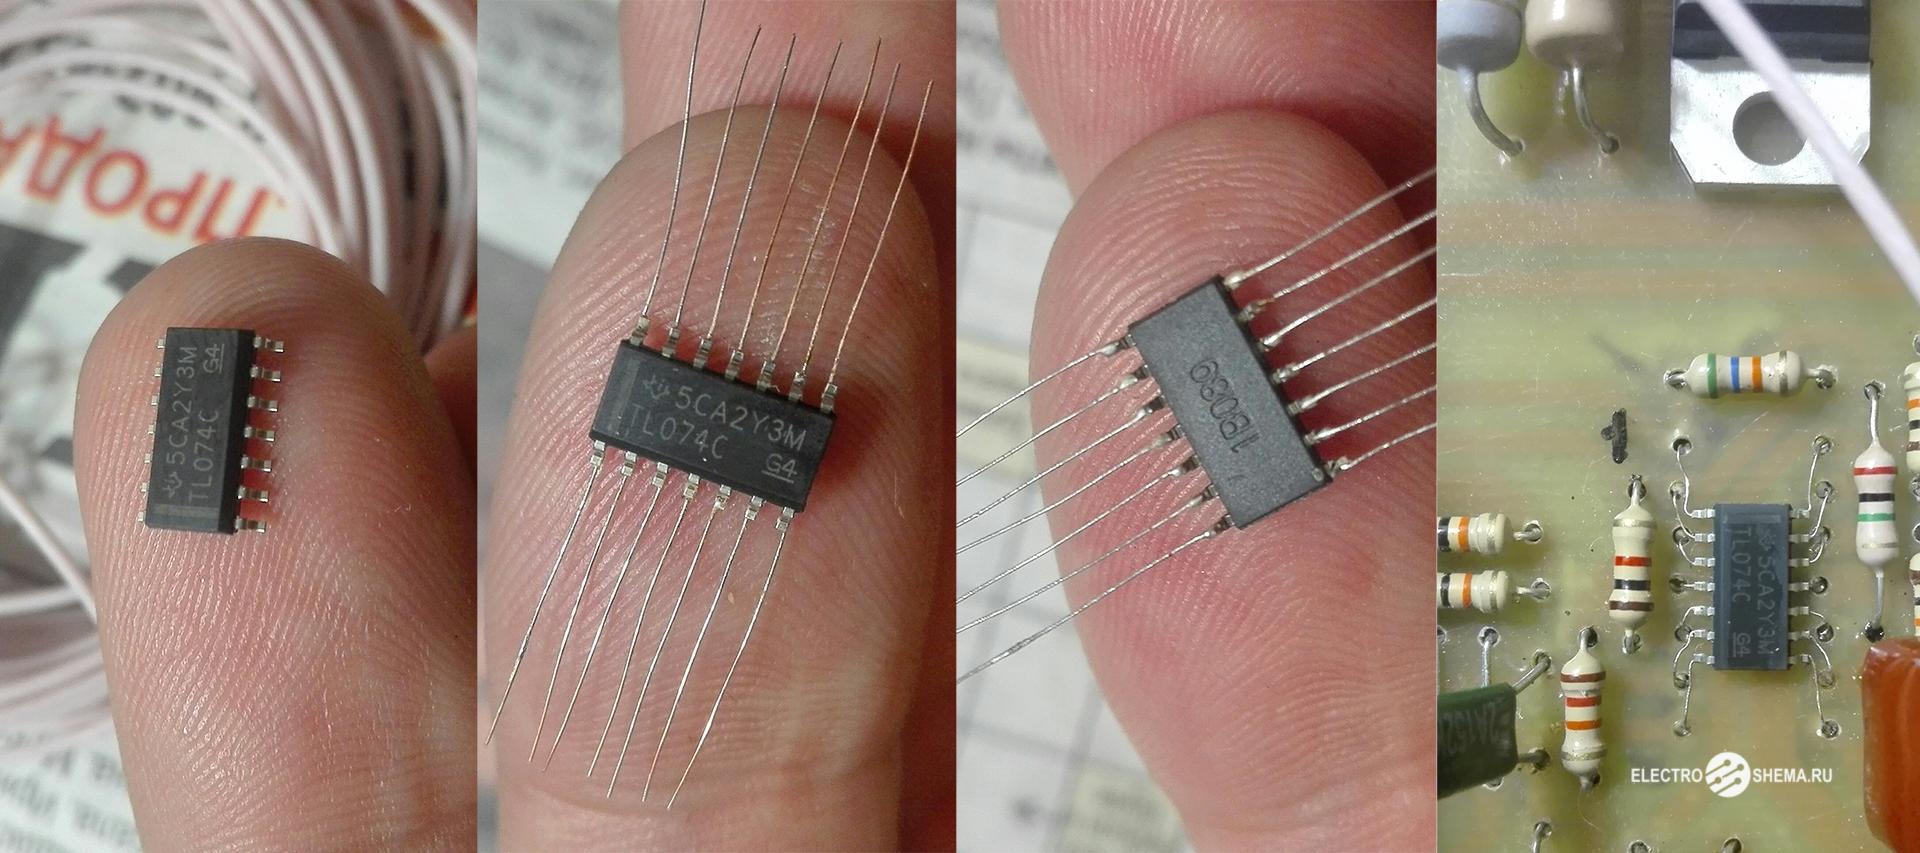 Как впаять микросхему в SMD корпусе вместо DIP